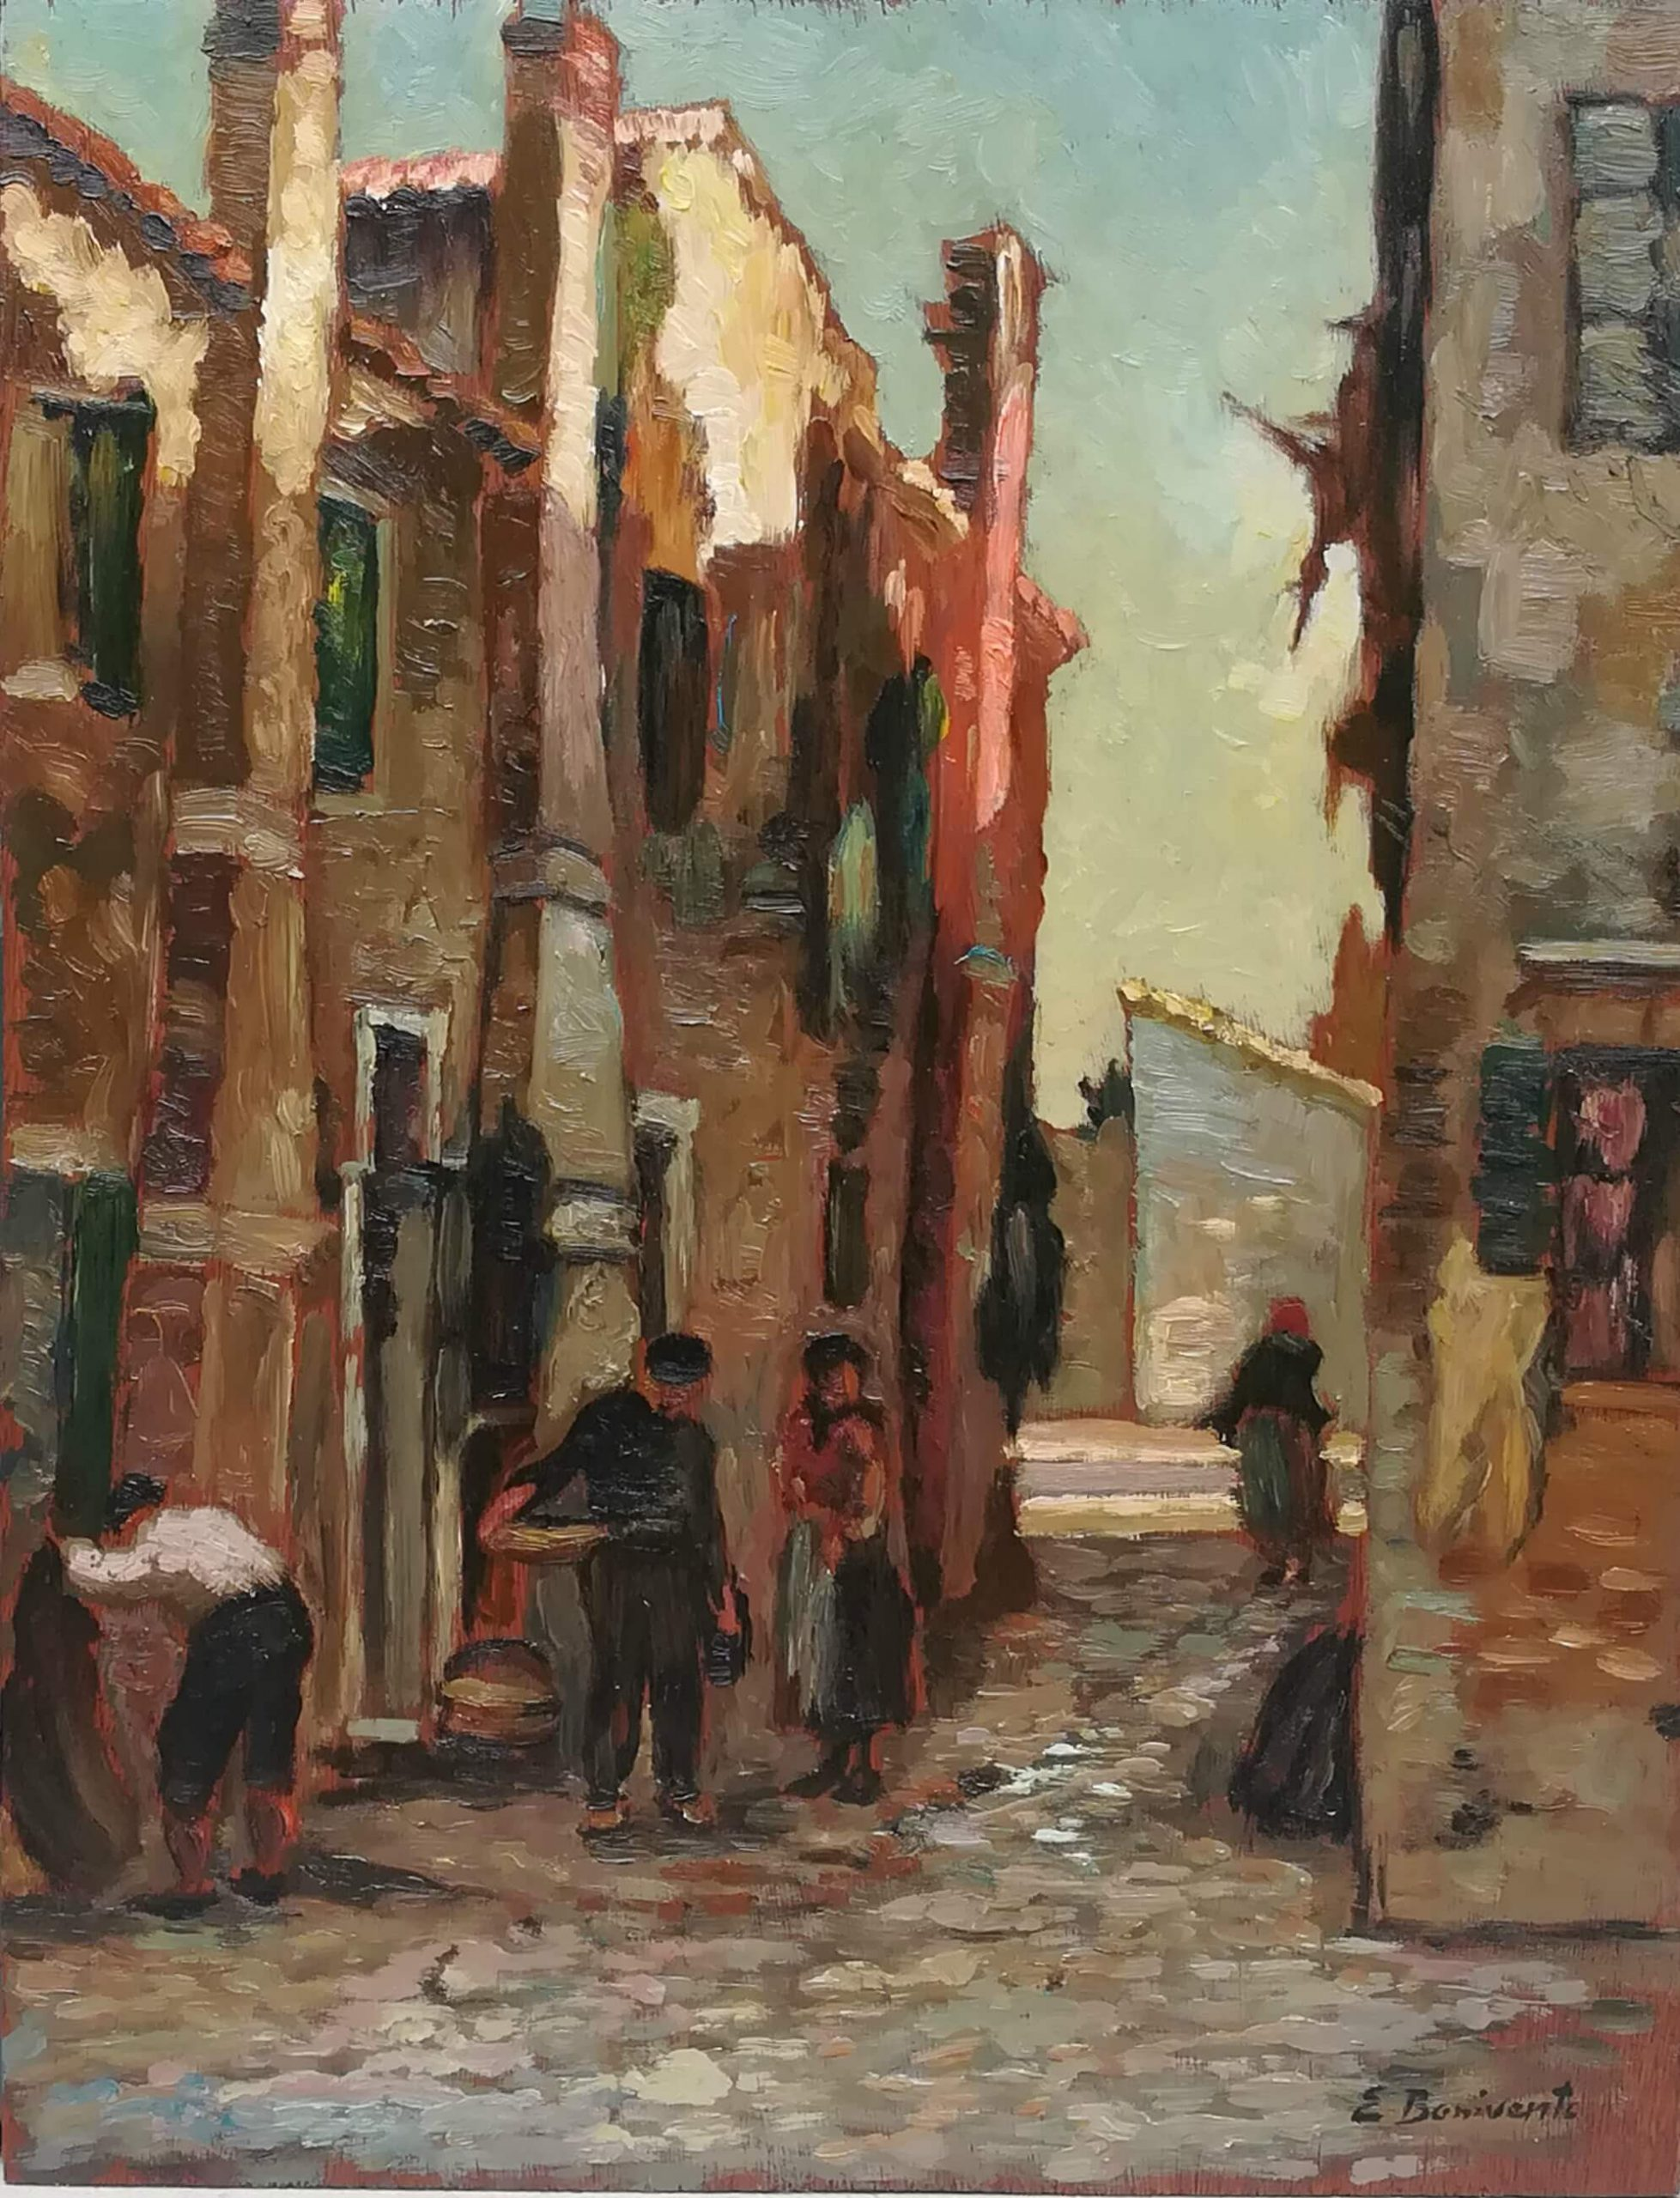 Calle di Burano, in the 20s